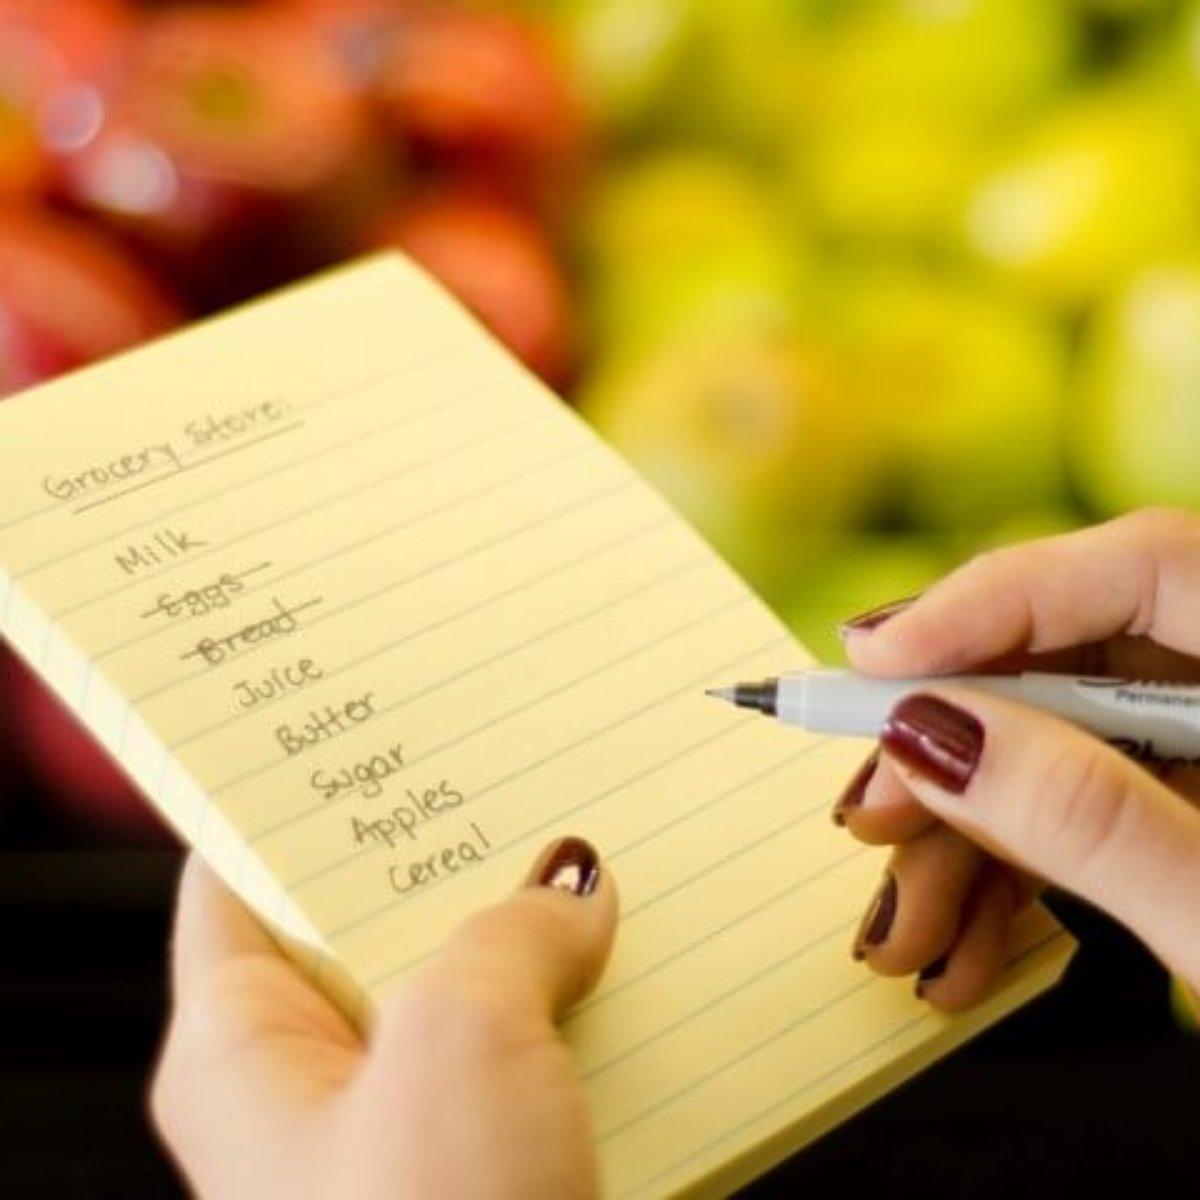 Lista de Compras: 5 Dicas para Fazer a Sua + Sugestão de Lista Definitiva